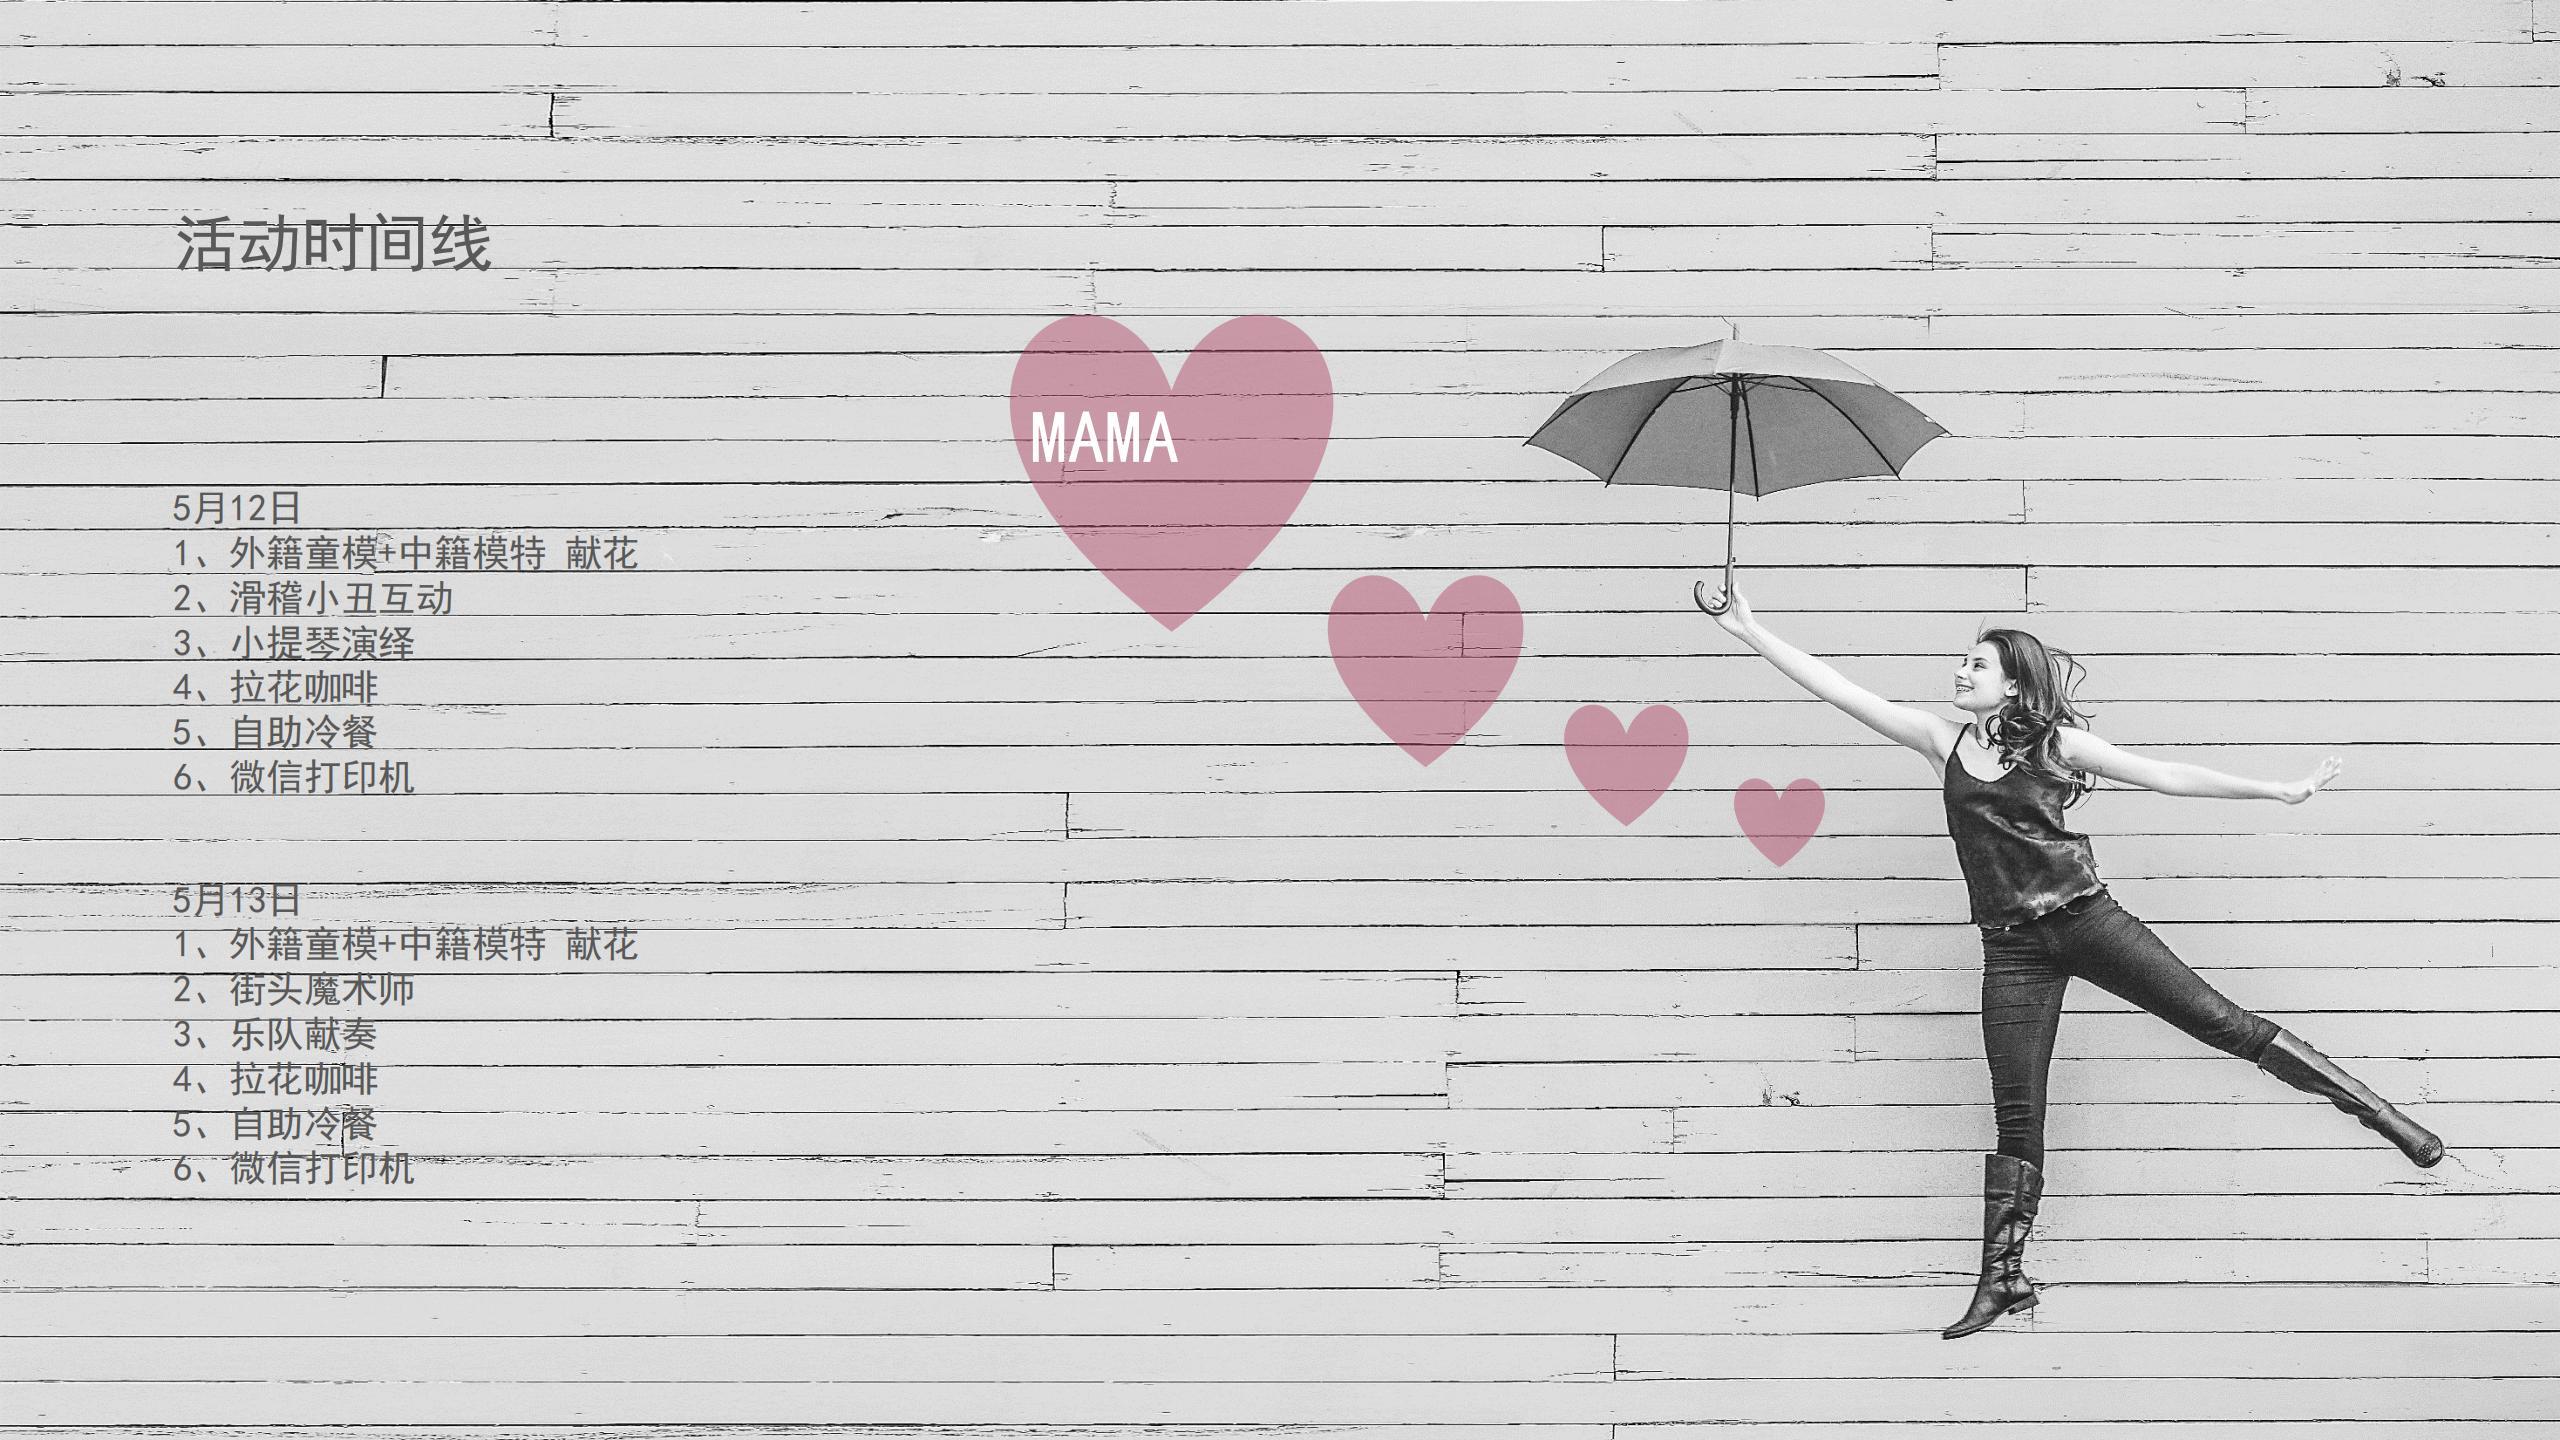 """2019某楼盘""""时光正佳,好好爱她"""",母亲节主题活动提案"""